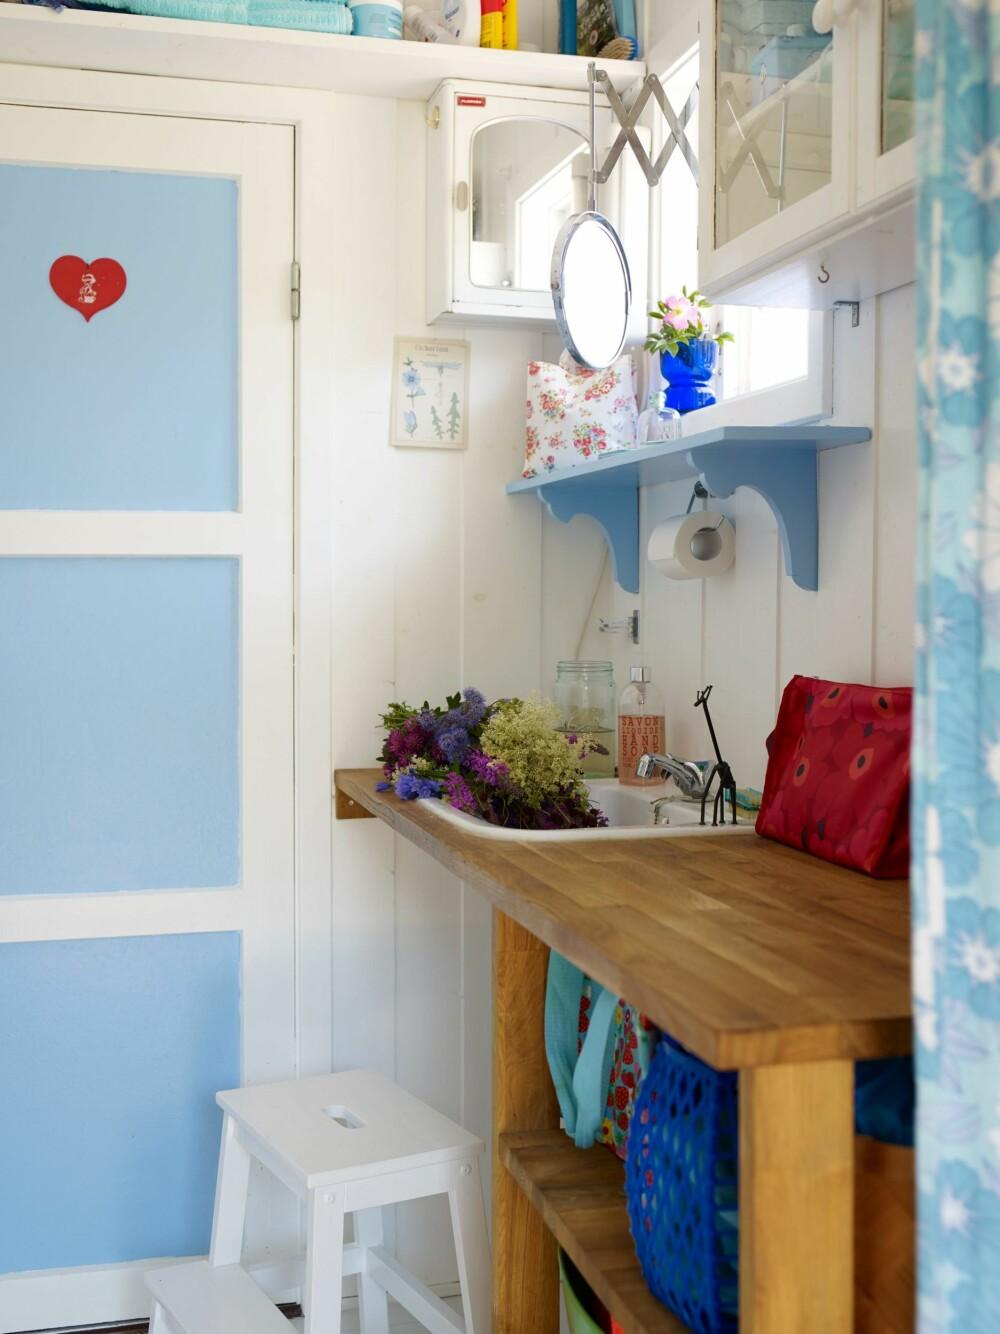 BADEBENK: På hytta er det ikke bad – men en badebenk med hyller som er bygget av en benkeplate i eik rundt en gammel vask.